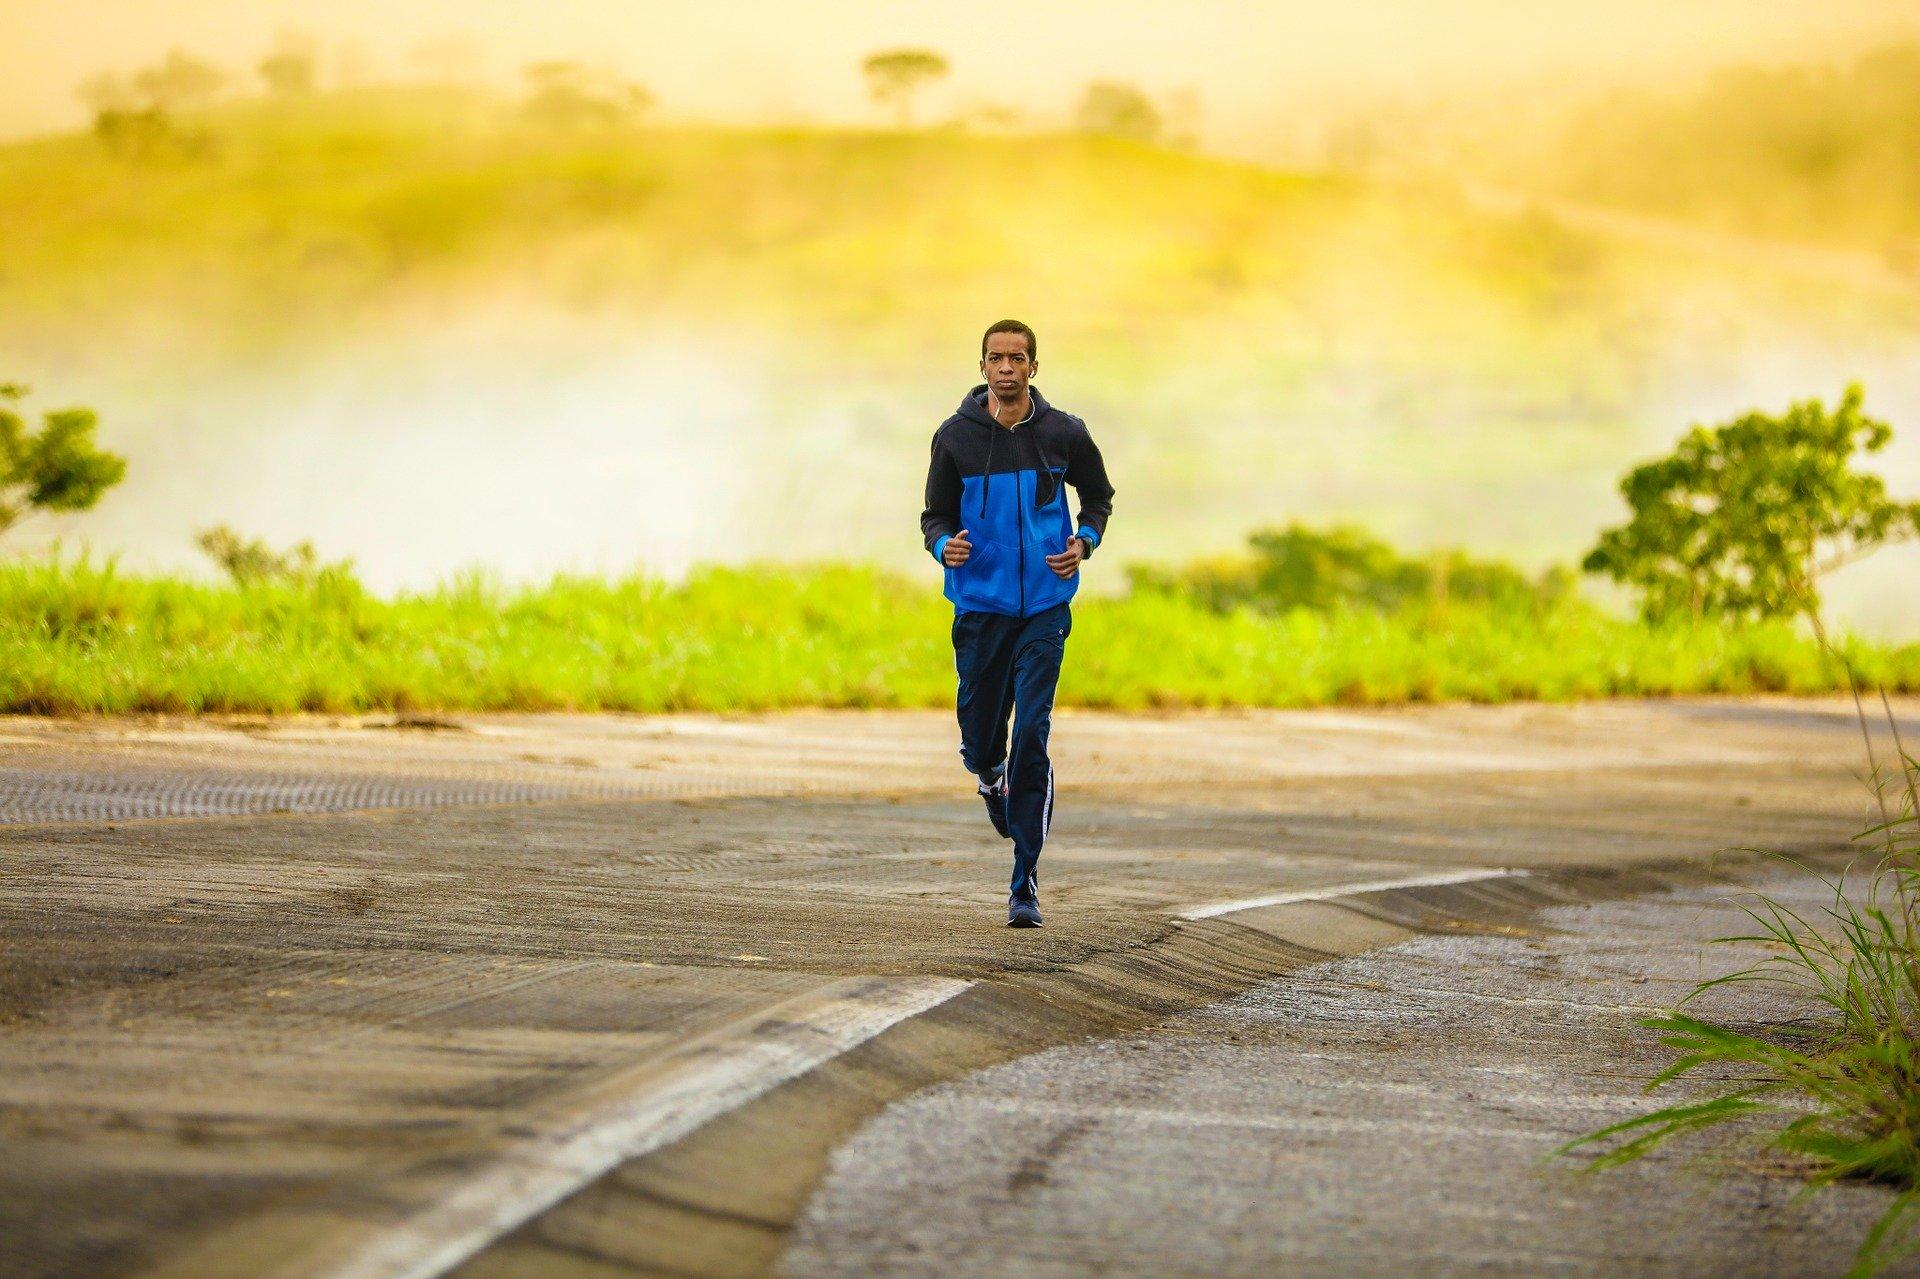 Jogger auf kaputter Strasse vor apokalyptisch gelb glühenden Hintergrund